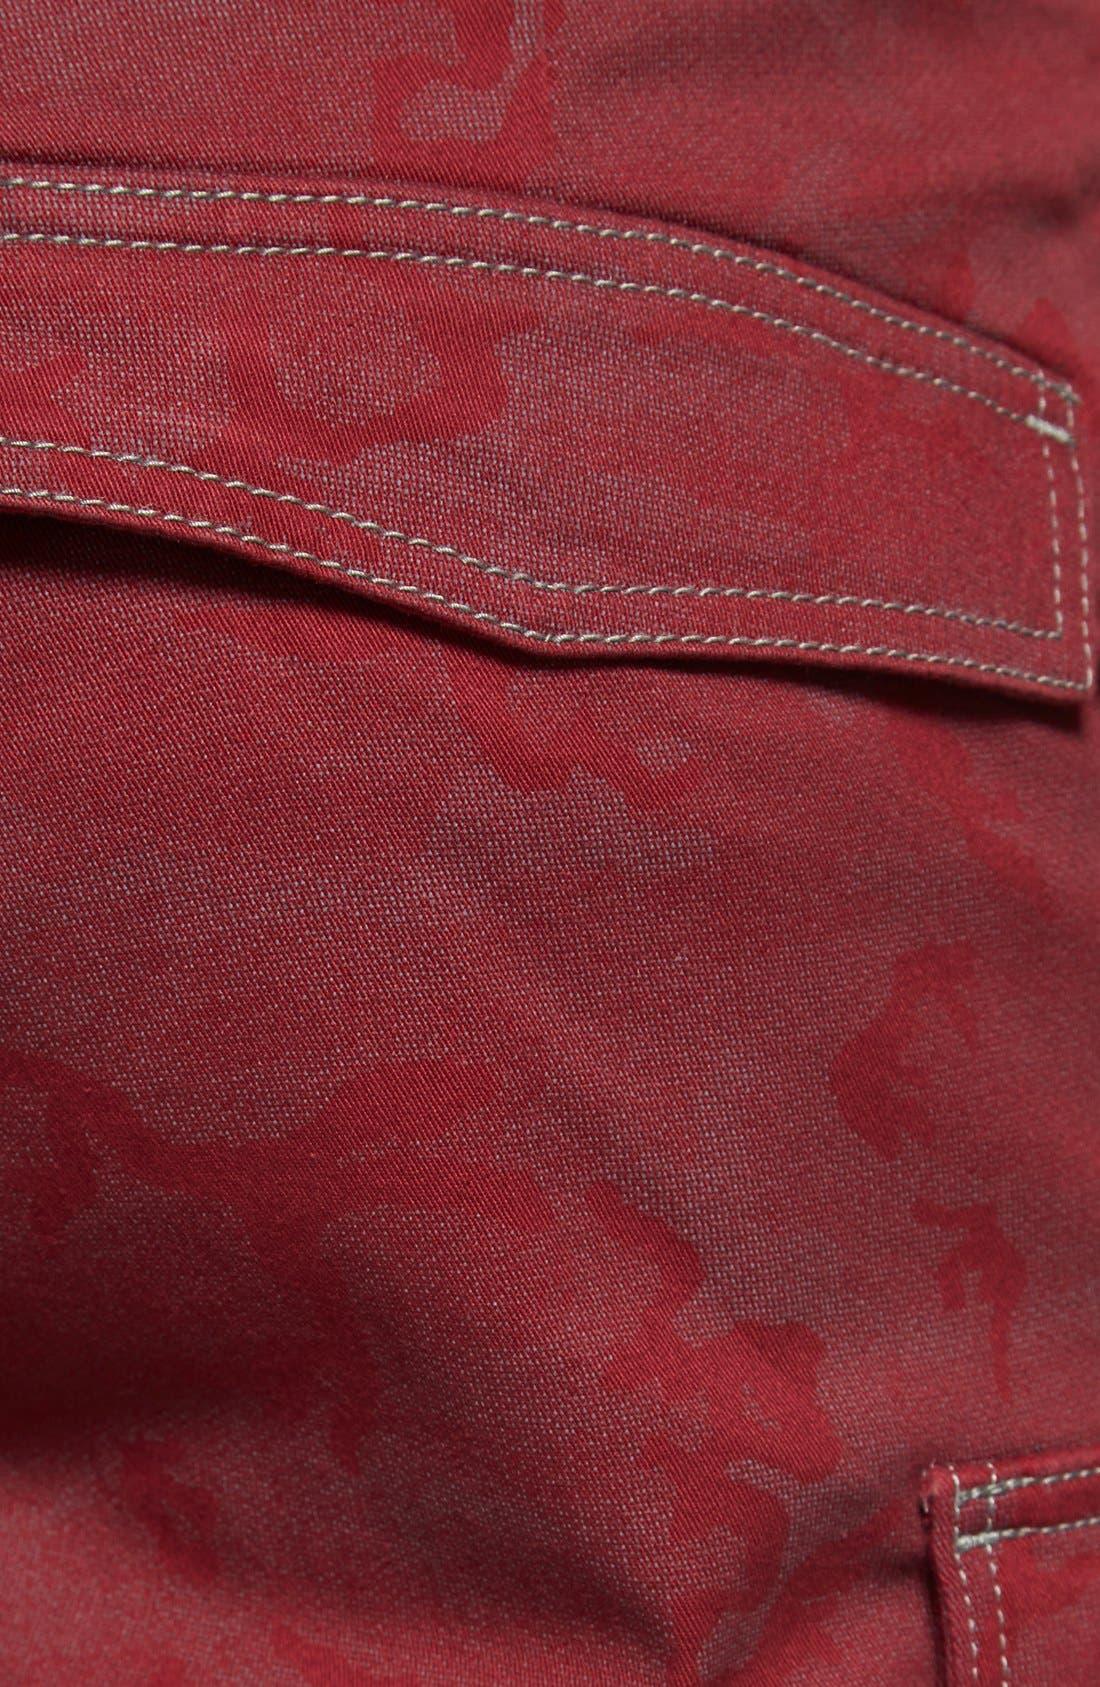 Alternate Image 3  - Nike SB 'Hawthorne' Camo Cargo Shorts